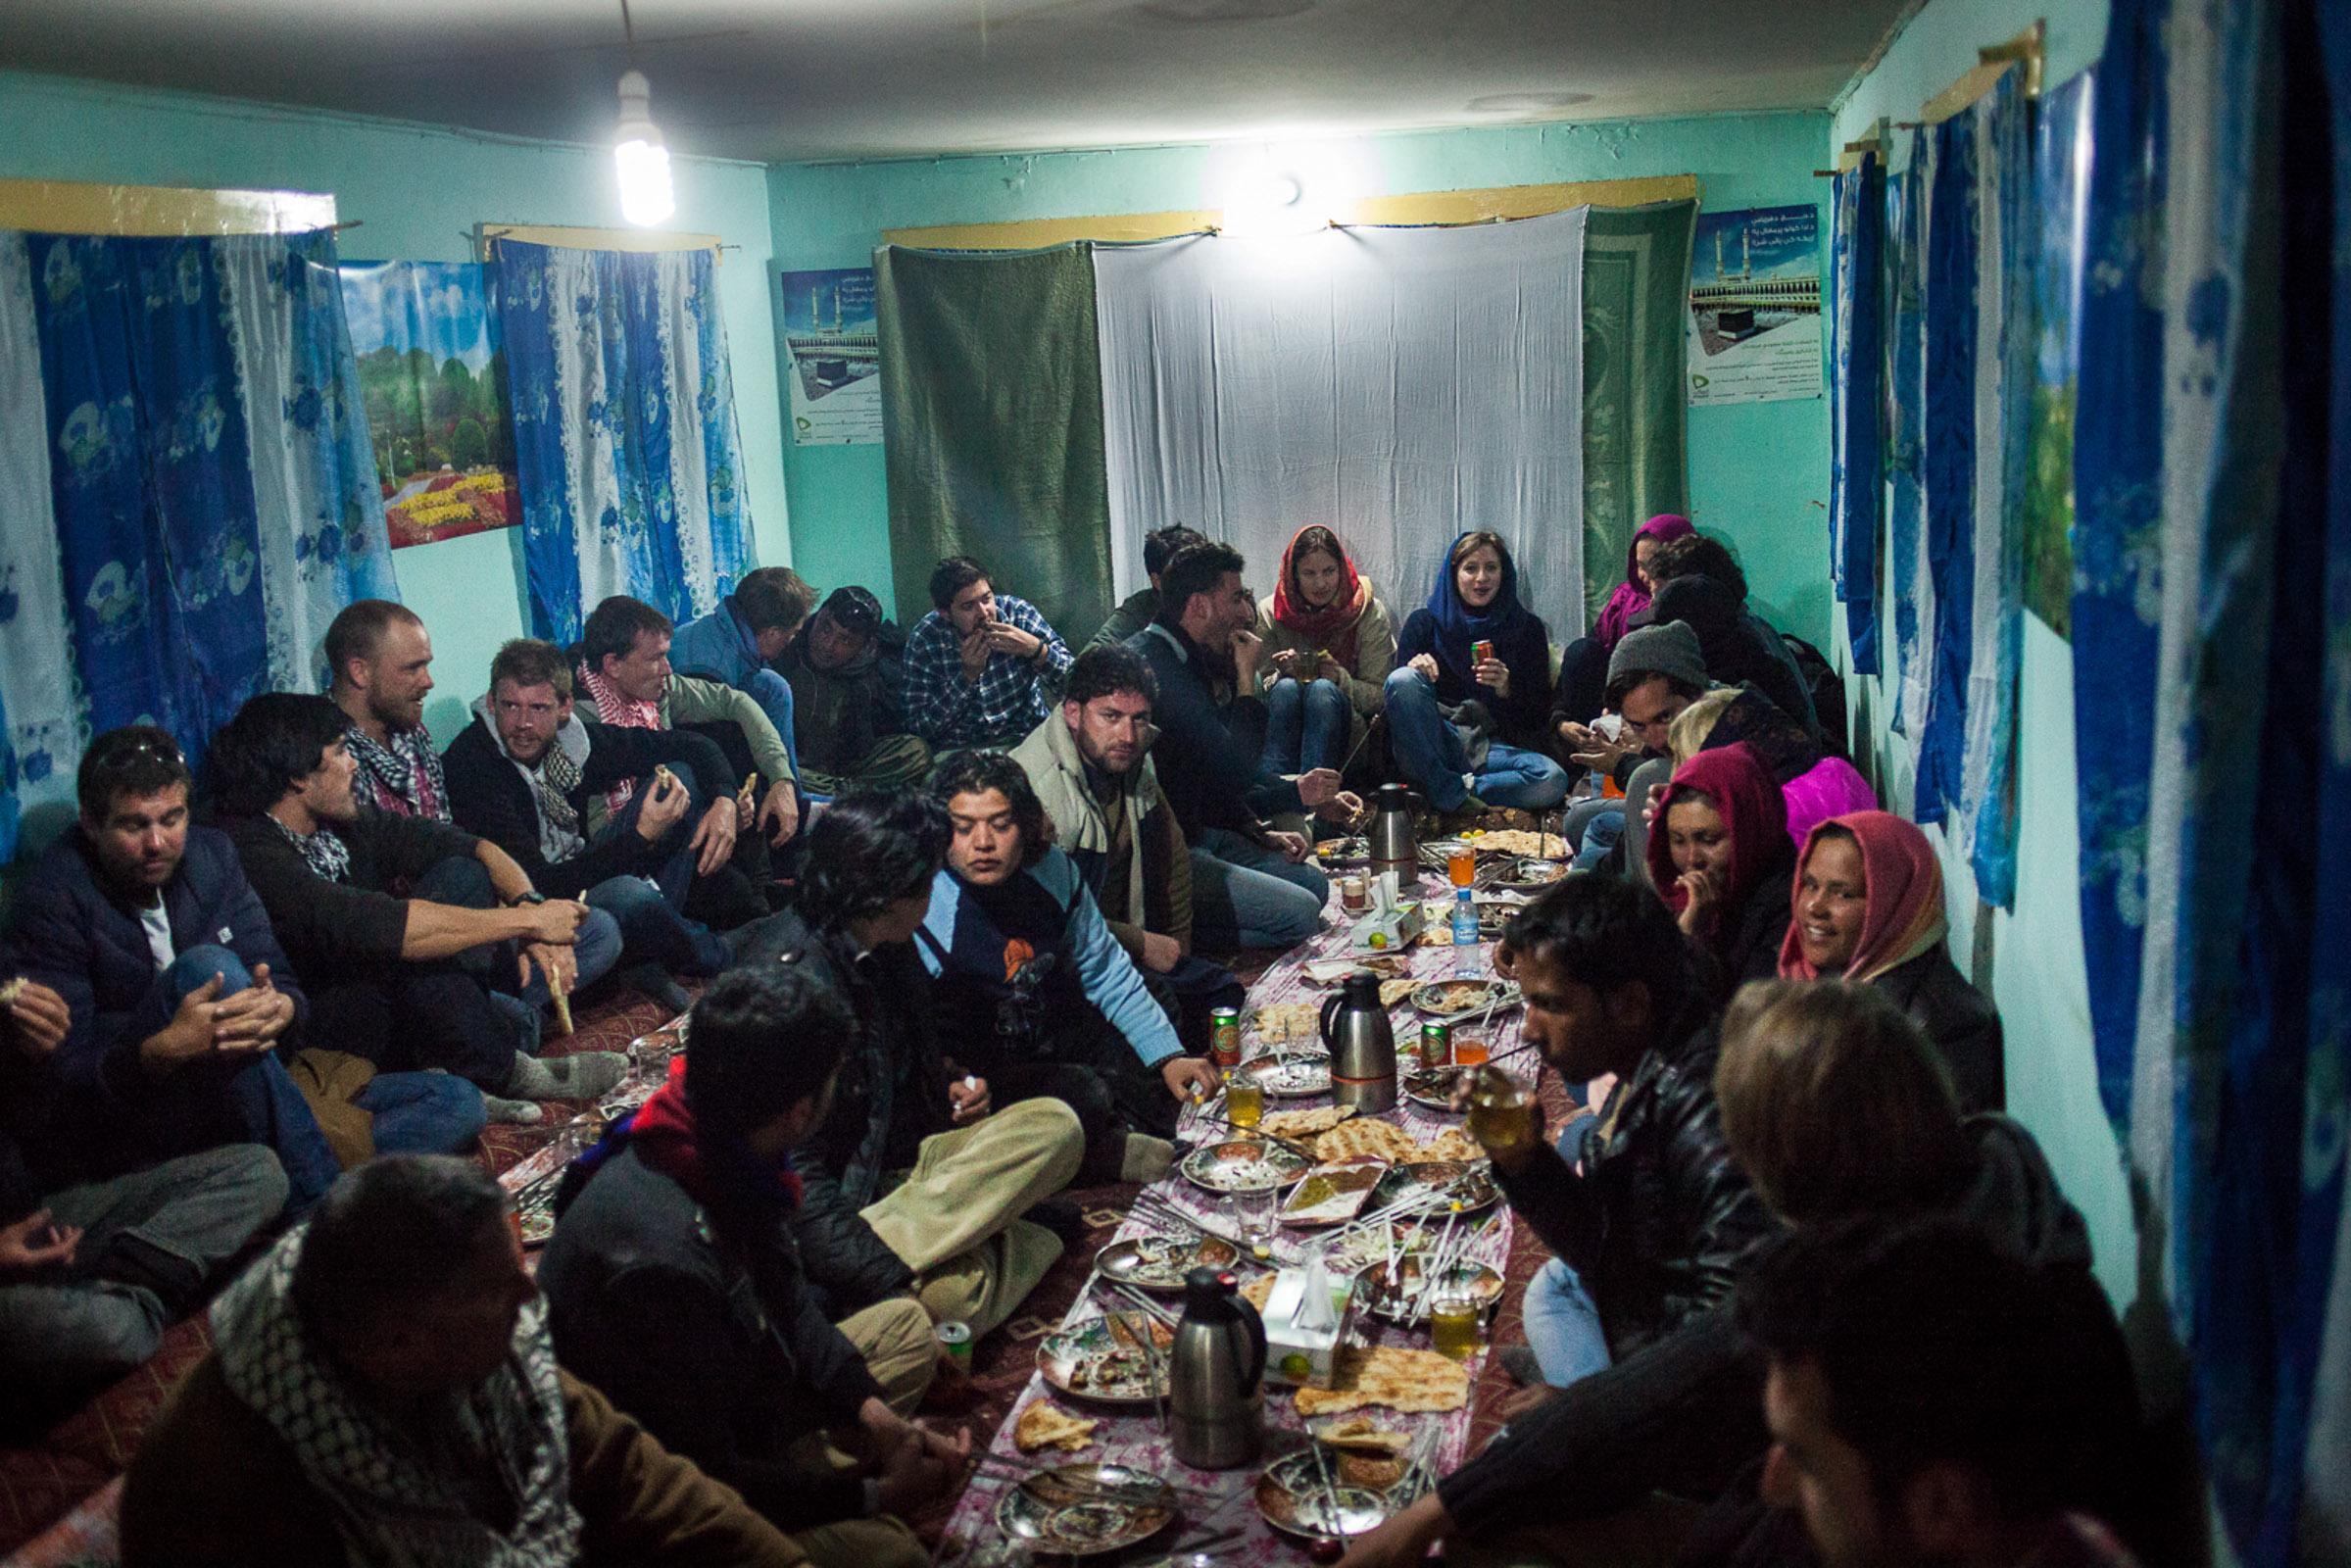 Bamiyan,2 Mars  2013. De retour à Bamiyan, les participants à la compétition se retrouvent pour un diner convivial.  Bamiyan, March 2, 2013. Back to Bamiyan, the participants of the competition meet for a friendly dinner.